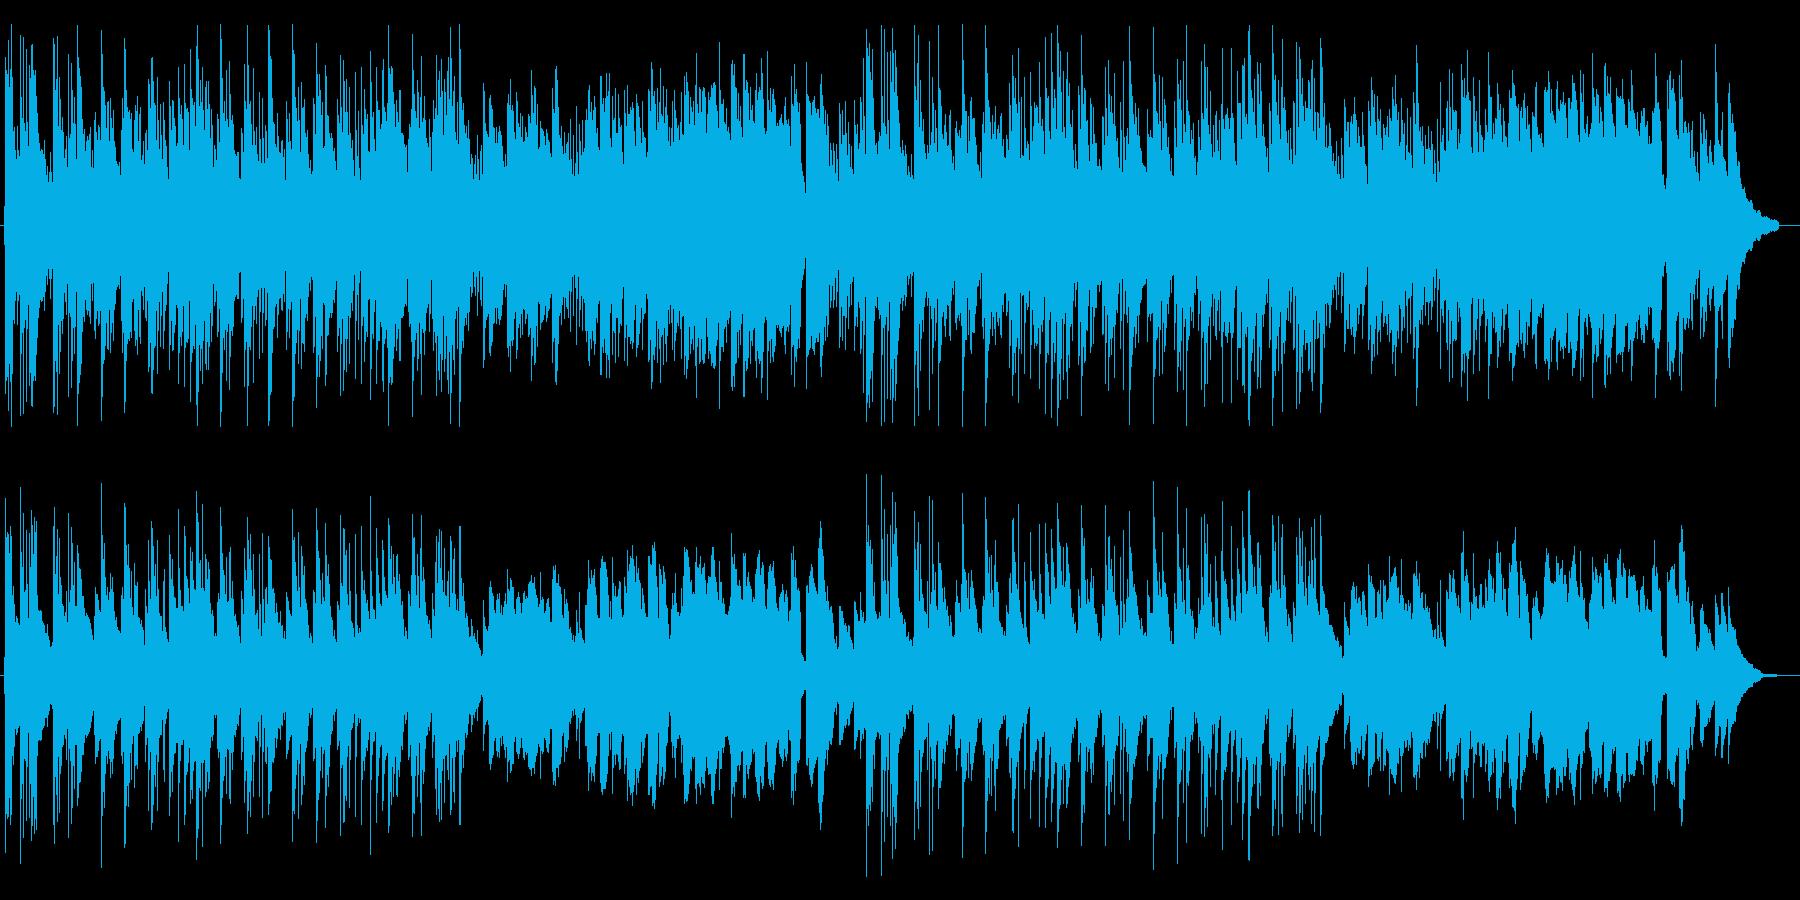 ノスタルジックなギターなどのサウンドの再生済みの波形